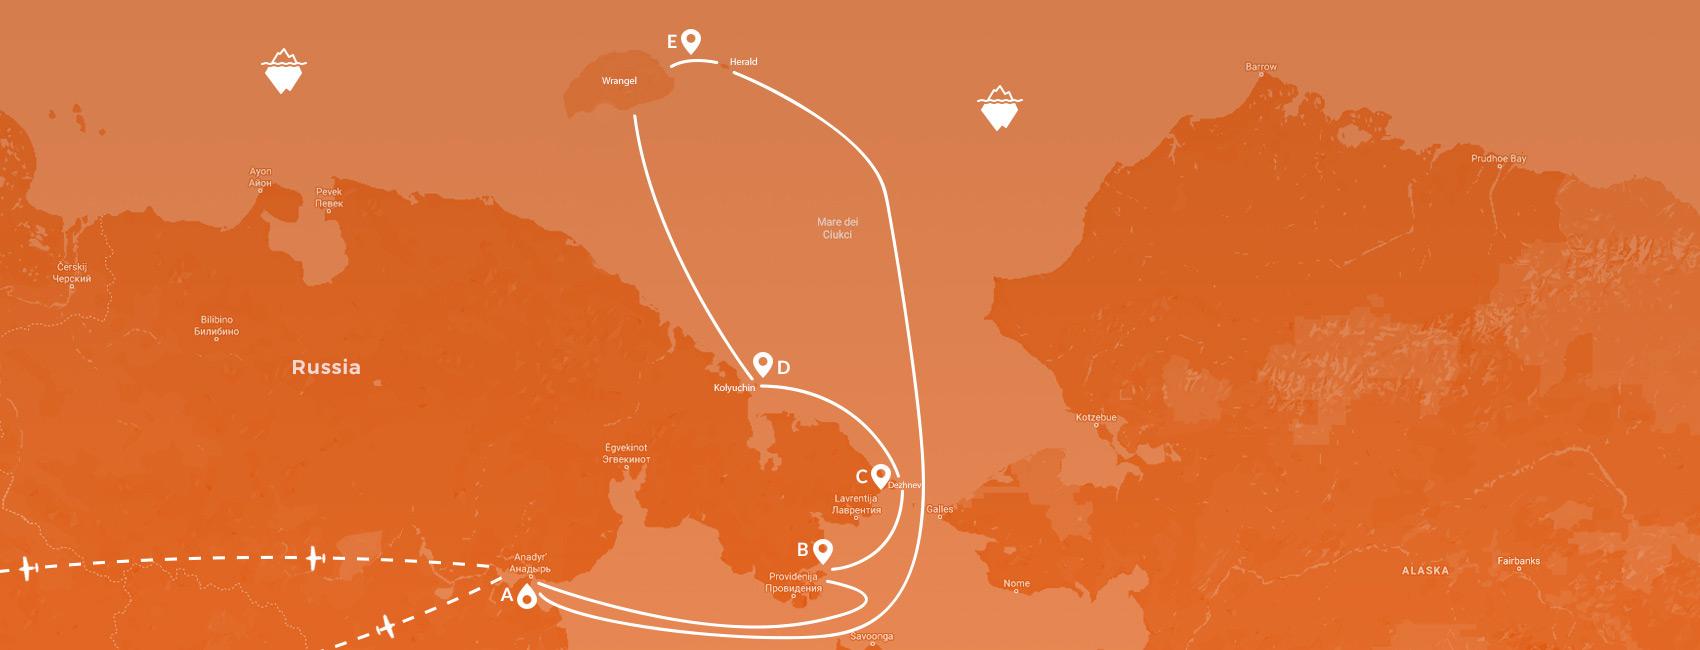 Maps - Russia - Wrangel